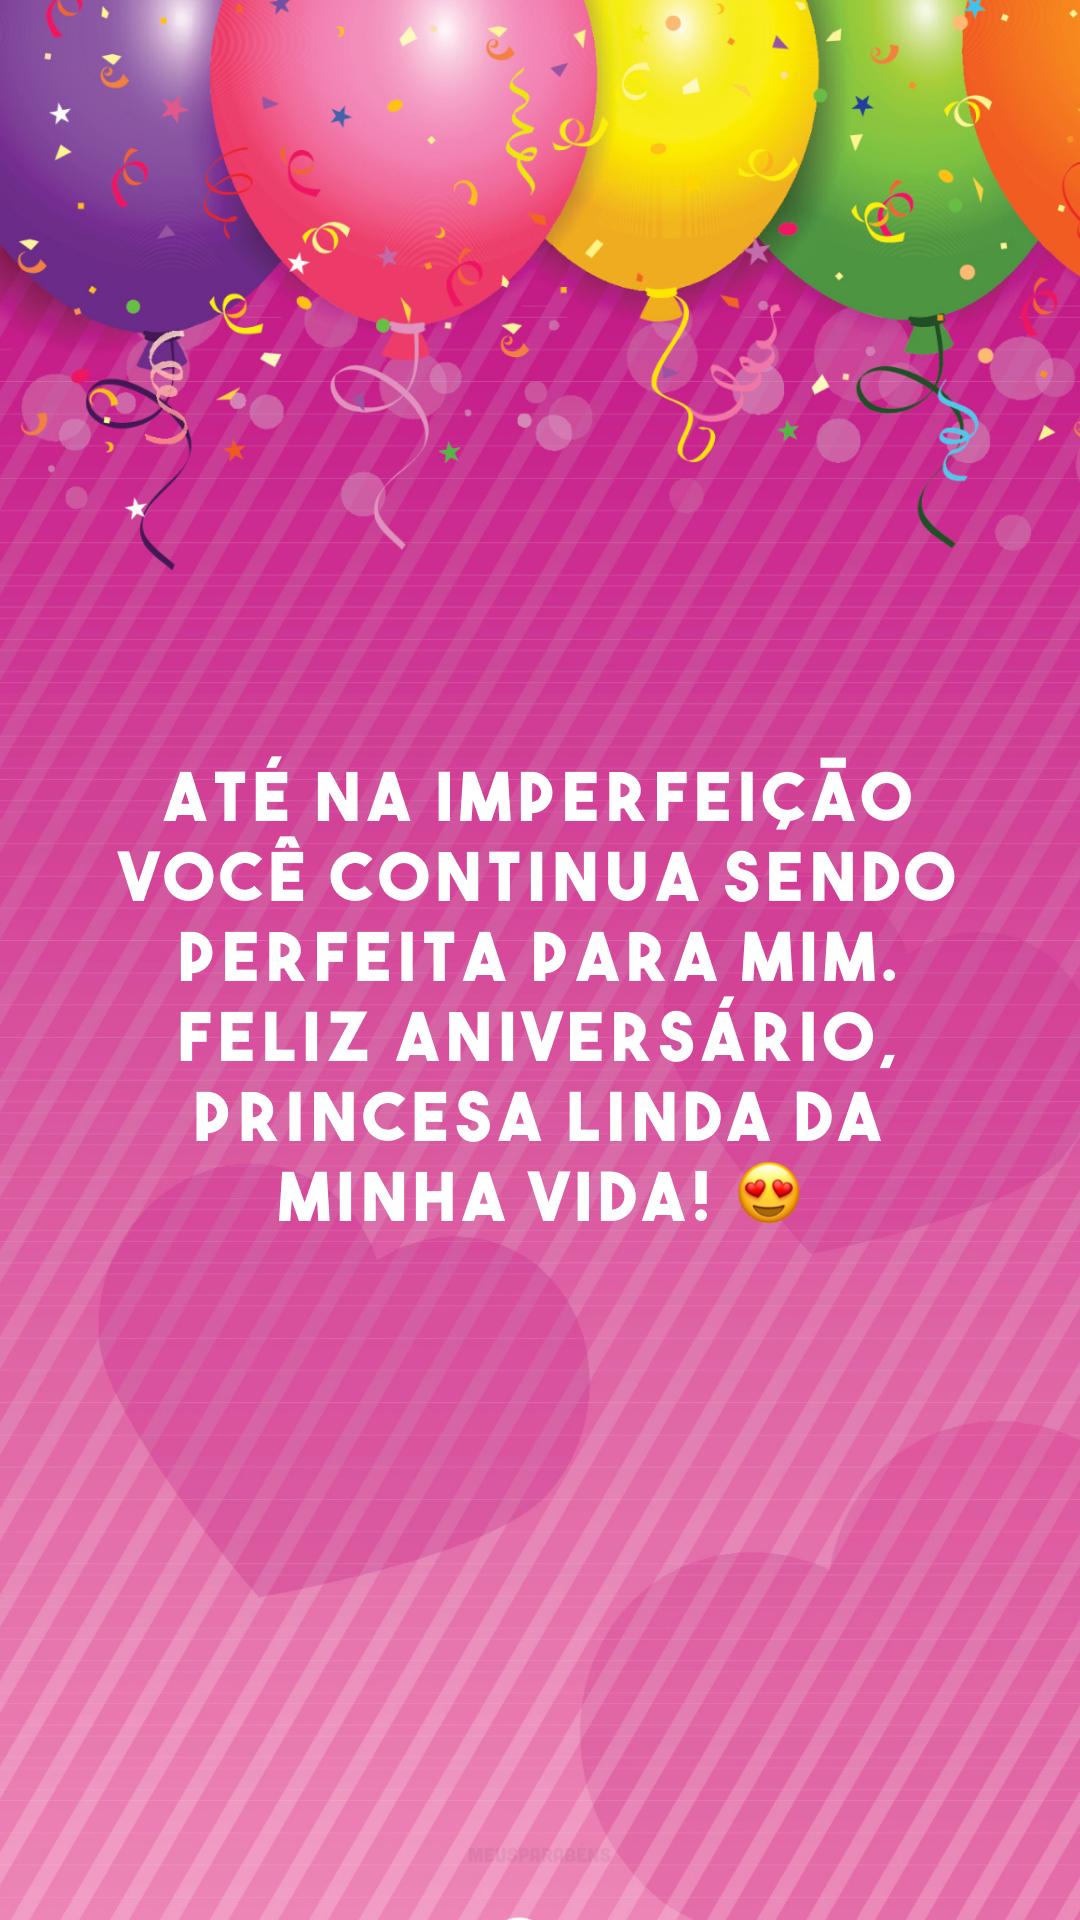 Até na imperfeição você continua sendo perfeita para mim. Feliz aniversário, princesa linda da minha vida! 😍